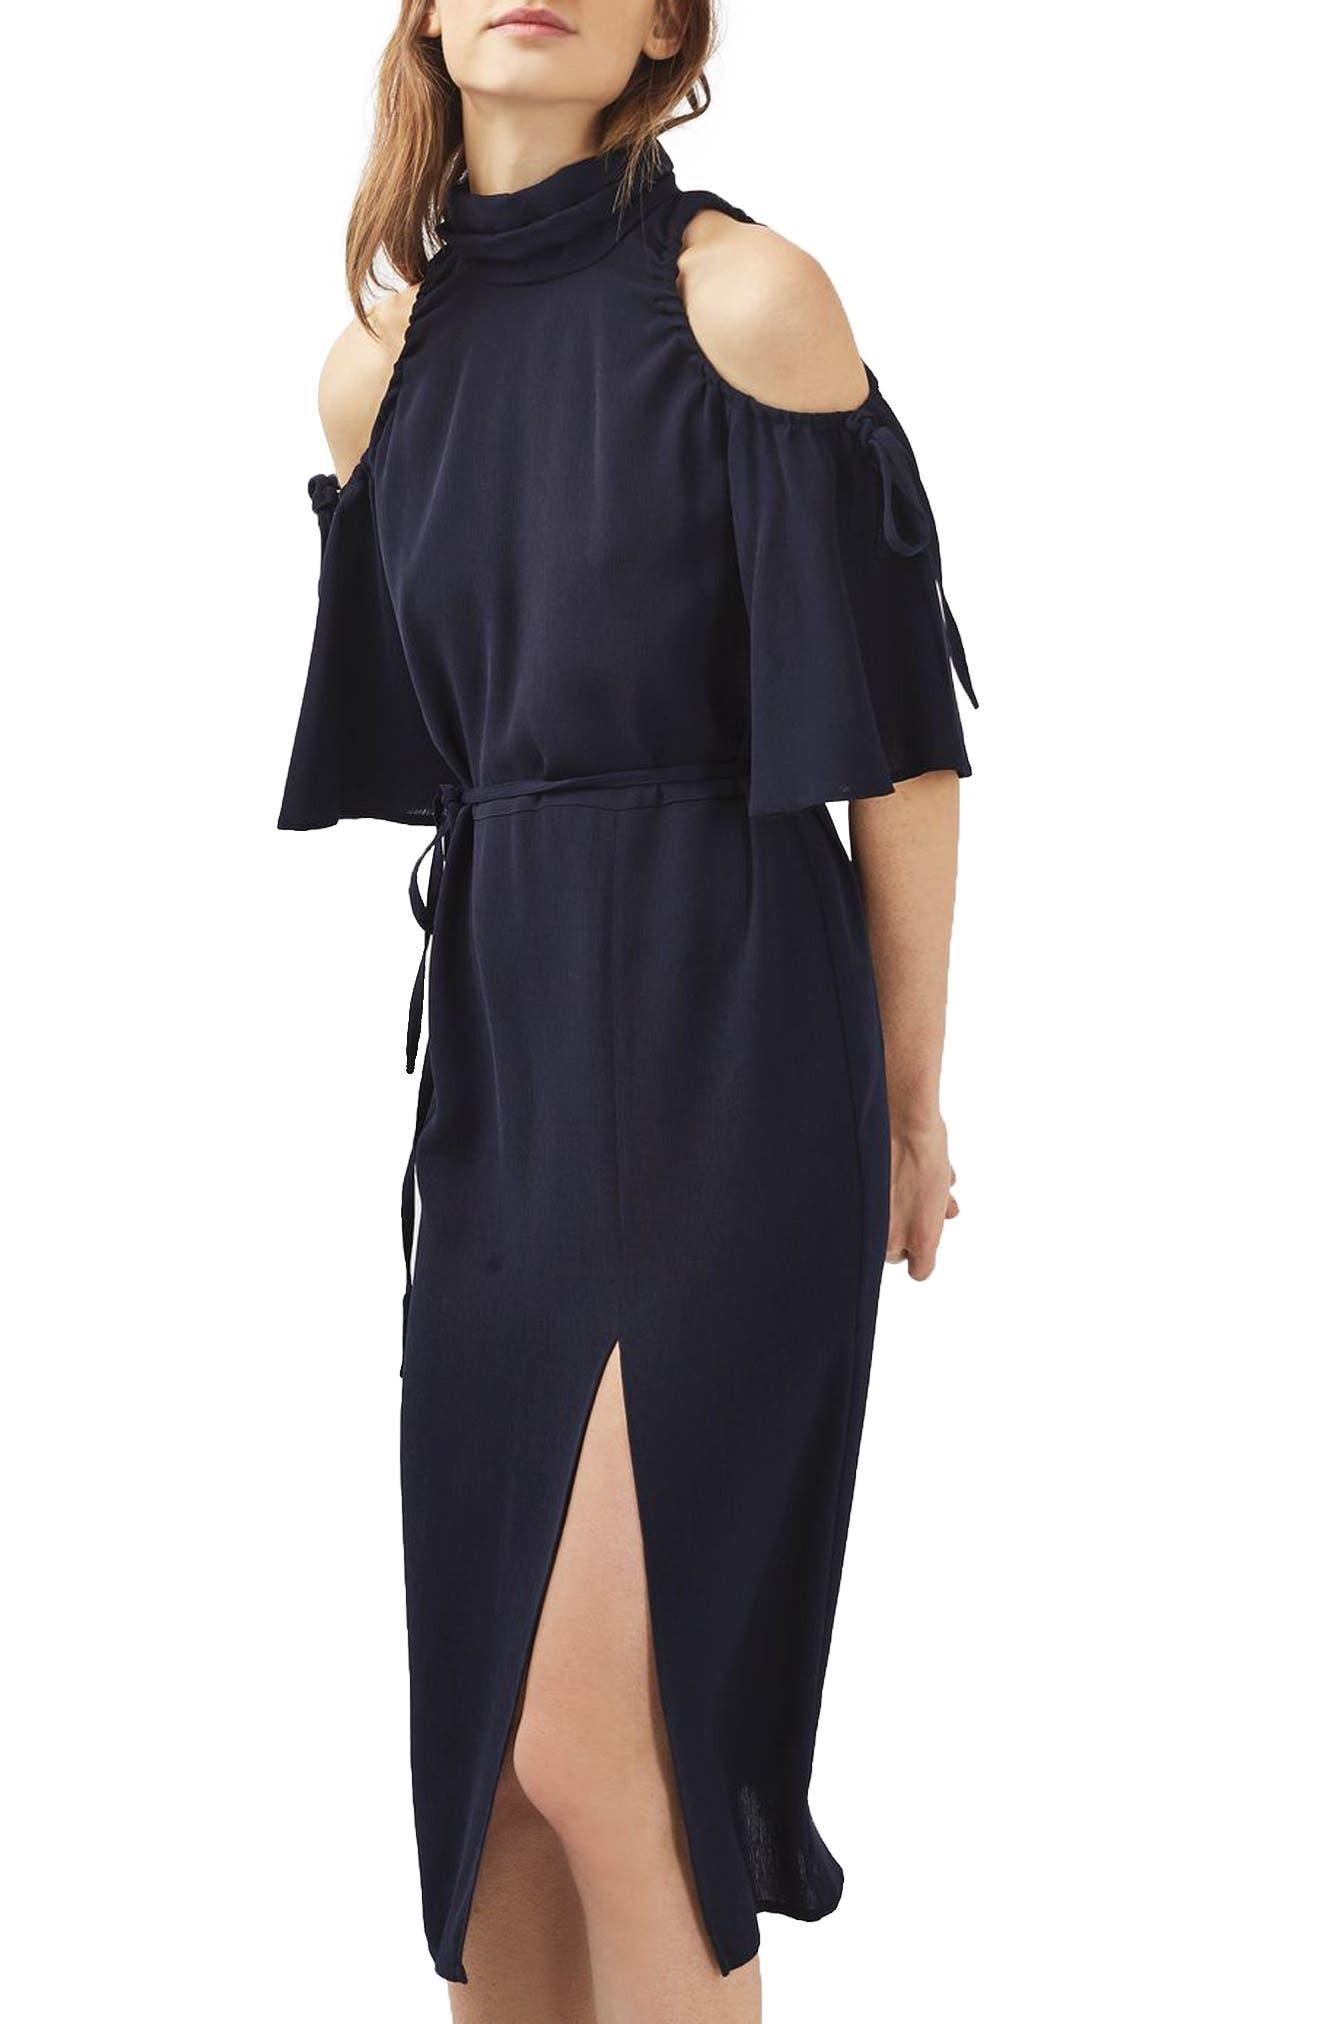 Alternate Image 1 Selected - Topshop High Neck Cold Shoulder Dress